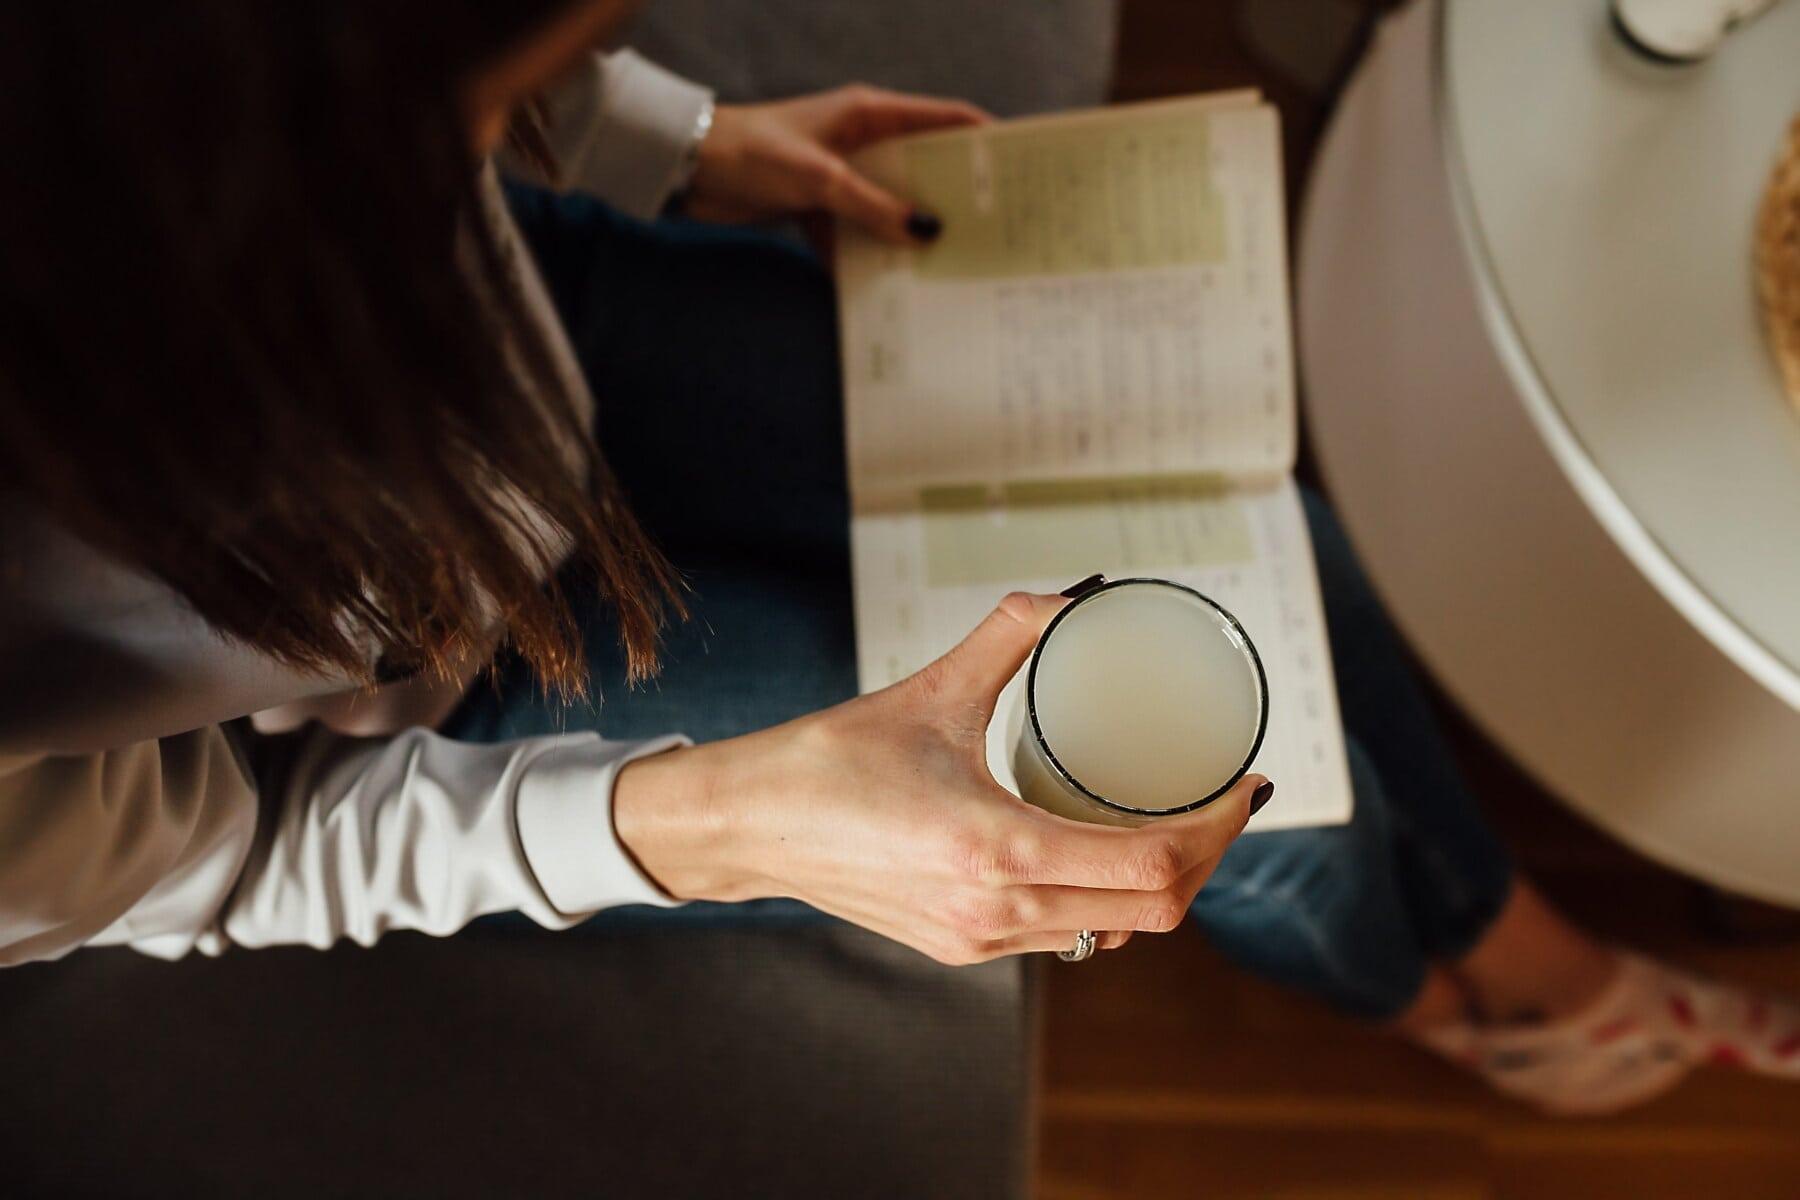 limonadă, suc de fructe, băutură, Cartea, lectură, tanara, femeie, oameni, în interior, fată